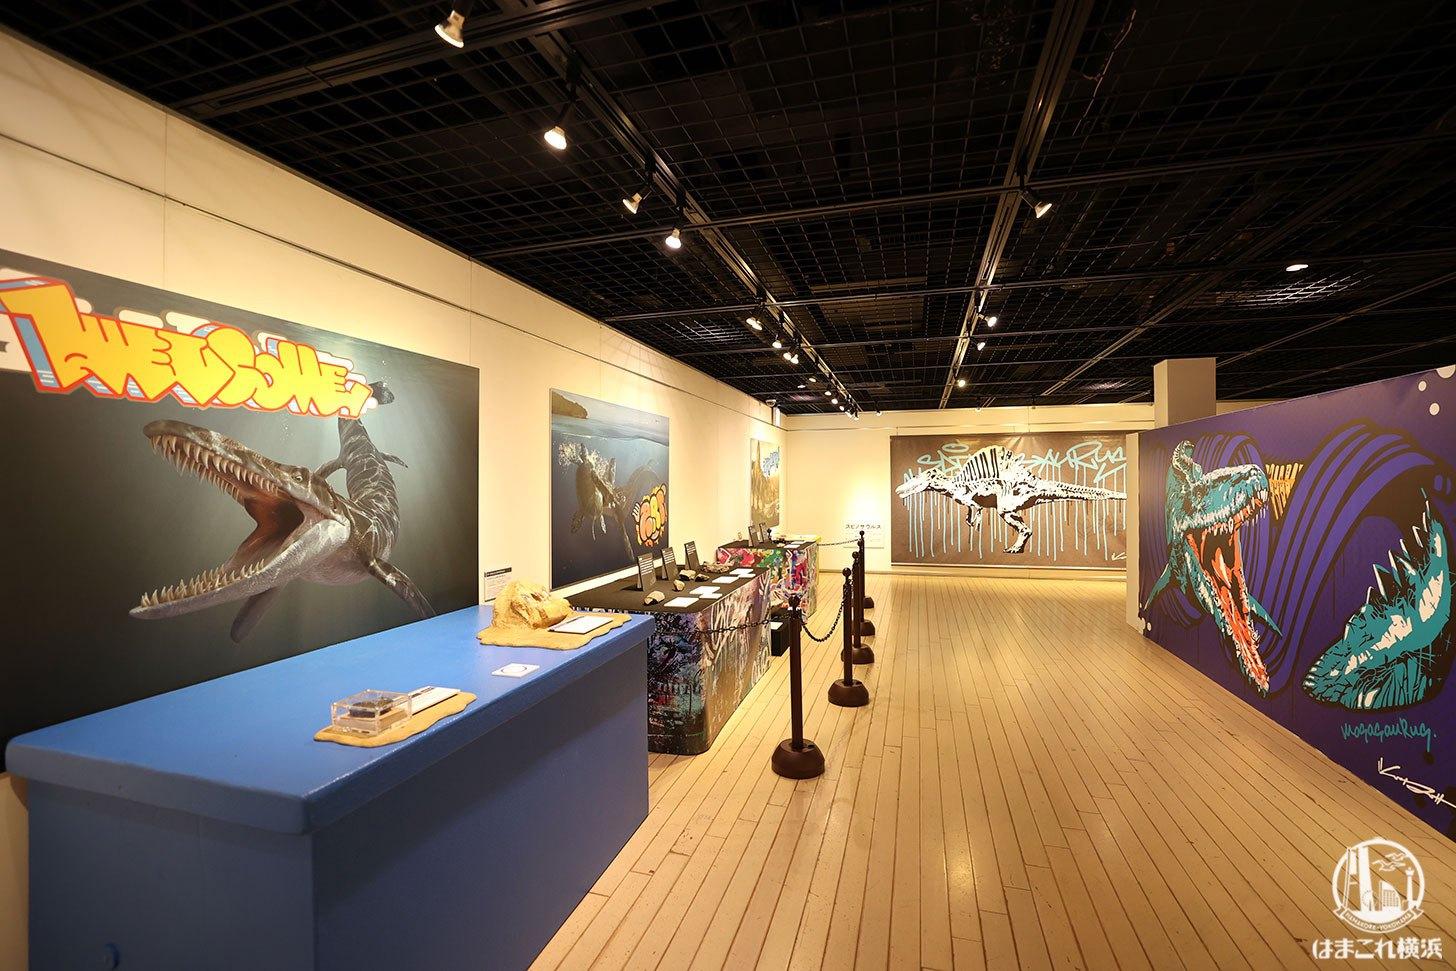 Gr8!こぶりな恐竜展 アートと恐竜のコラボ展示